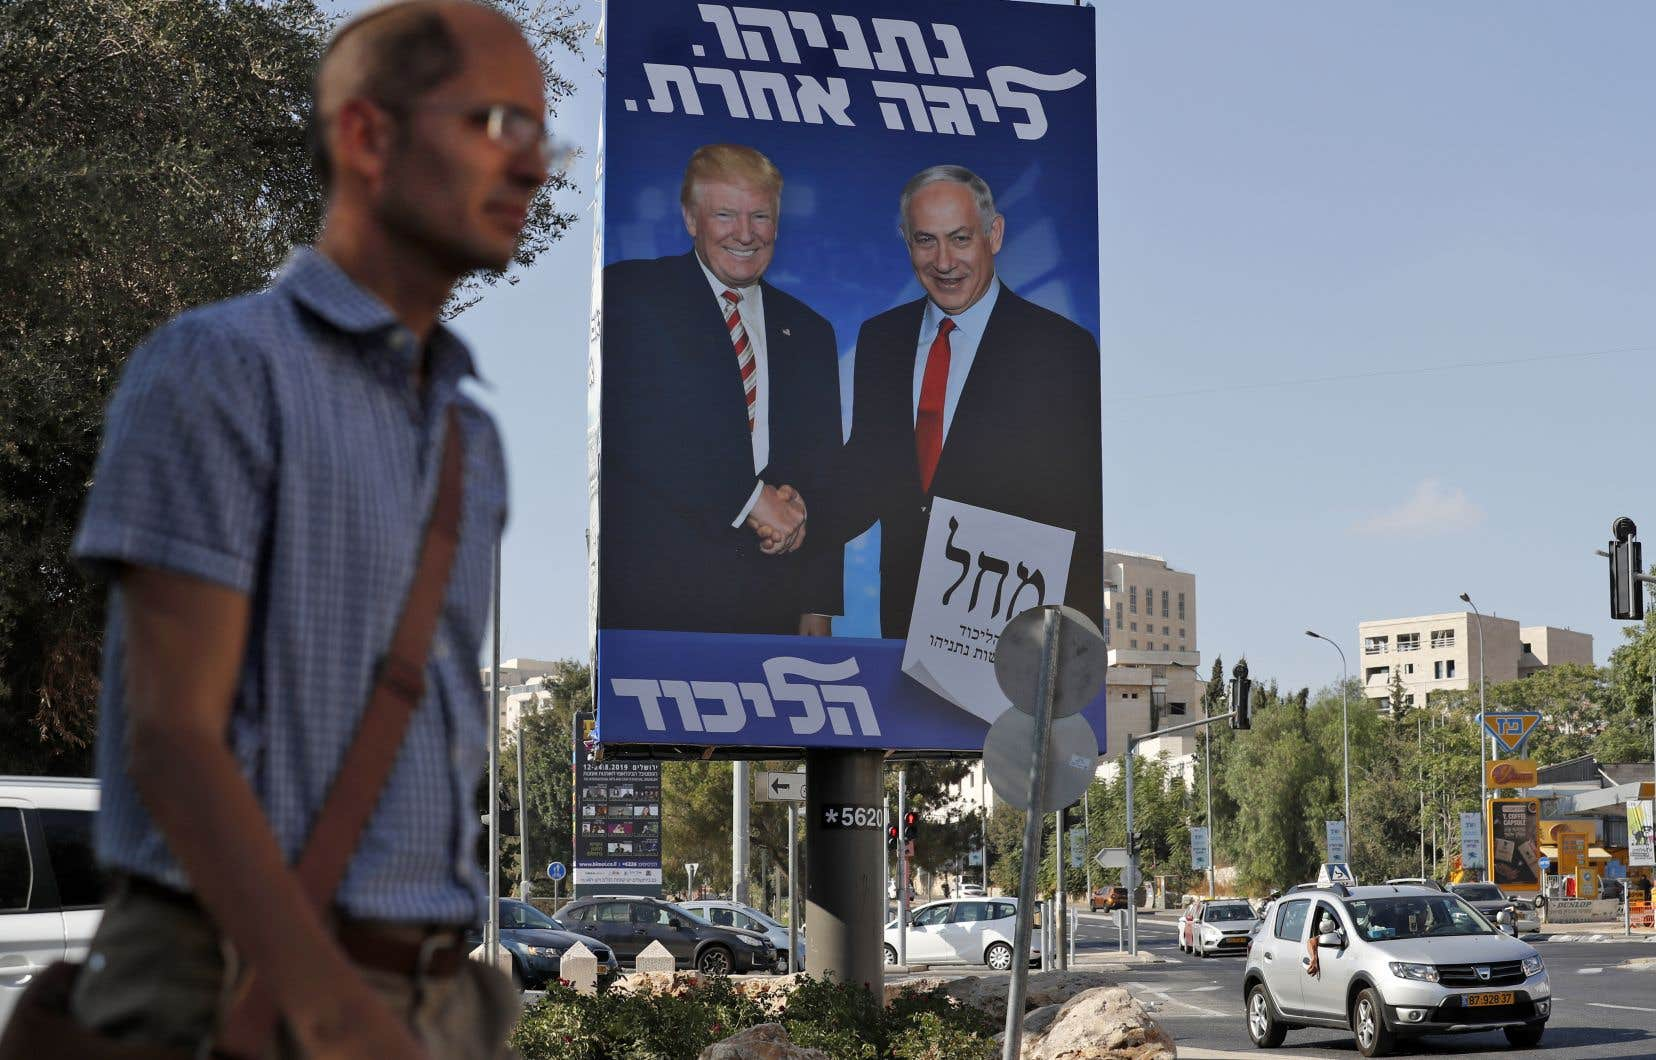 Le sort de Benjamin Nétanyahou, le premier ministre israélien ayant régné le plus longtemps sur le pays, risque d'être déterminé dans une semaine.